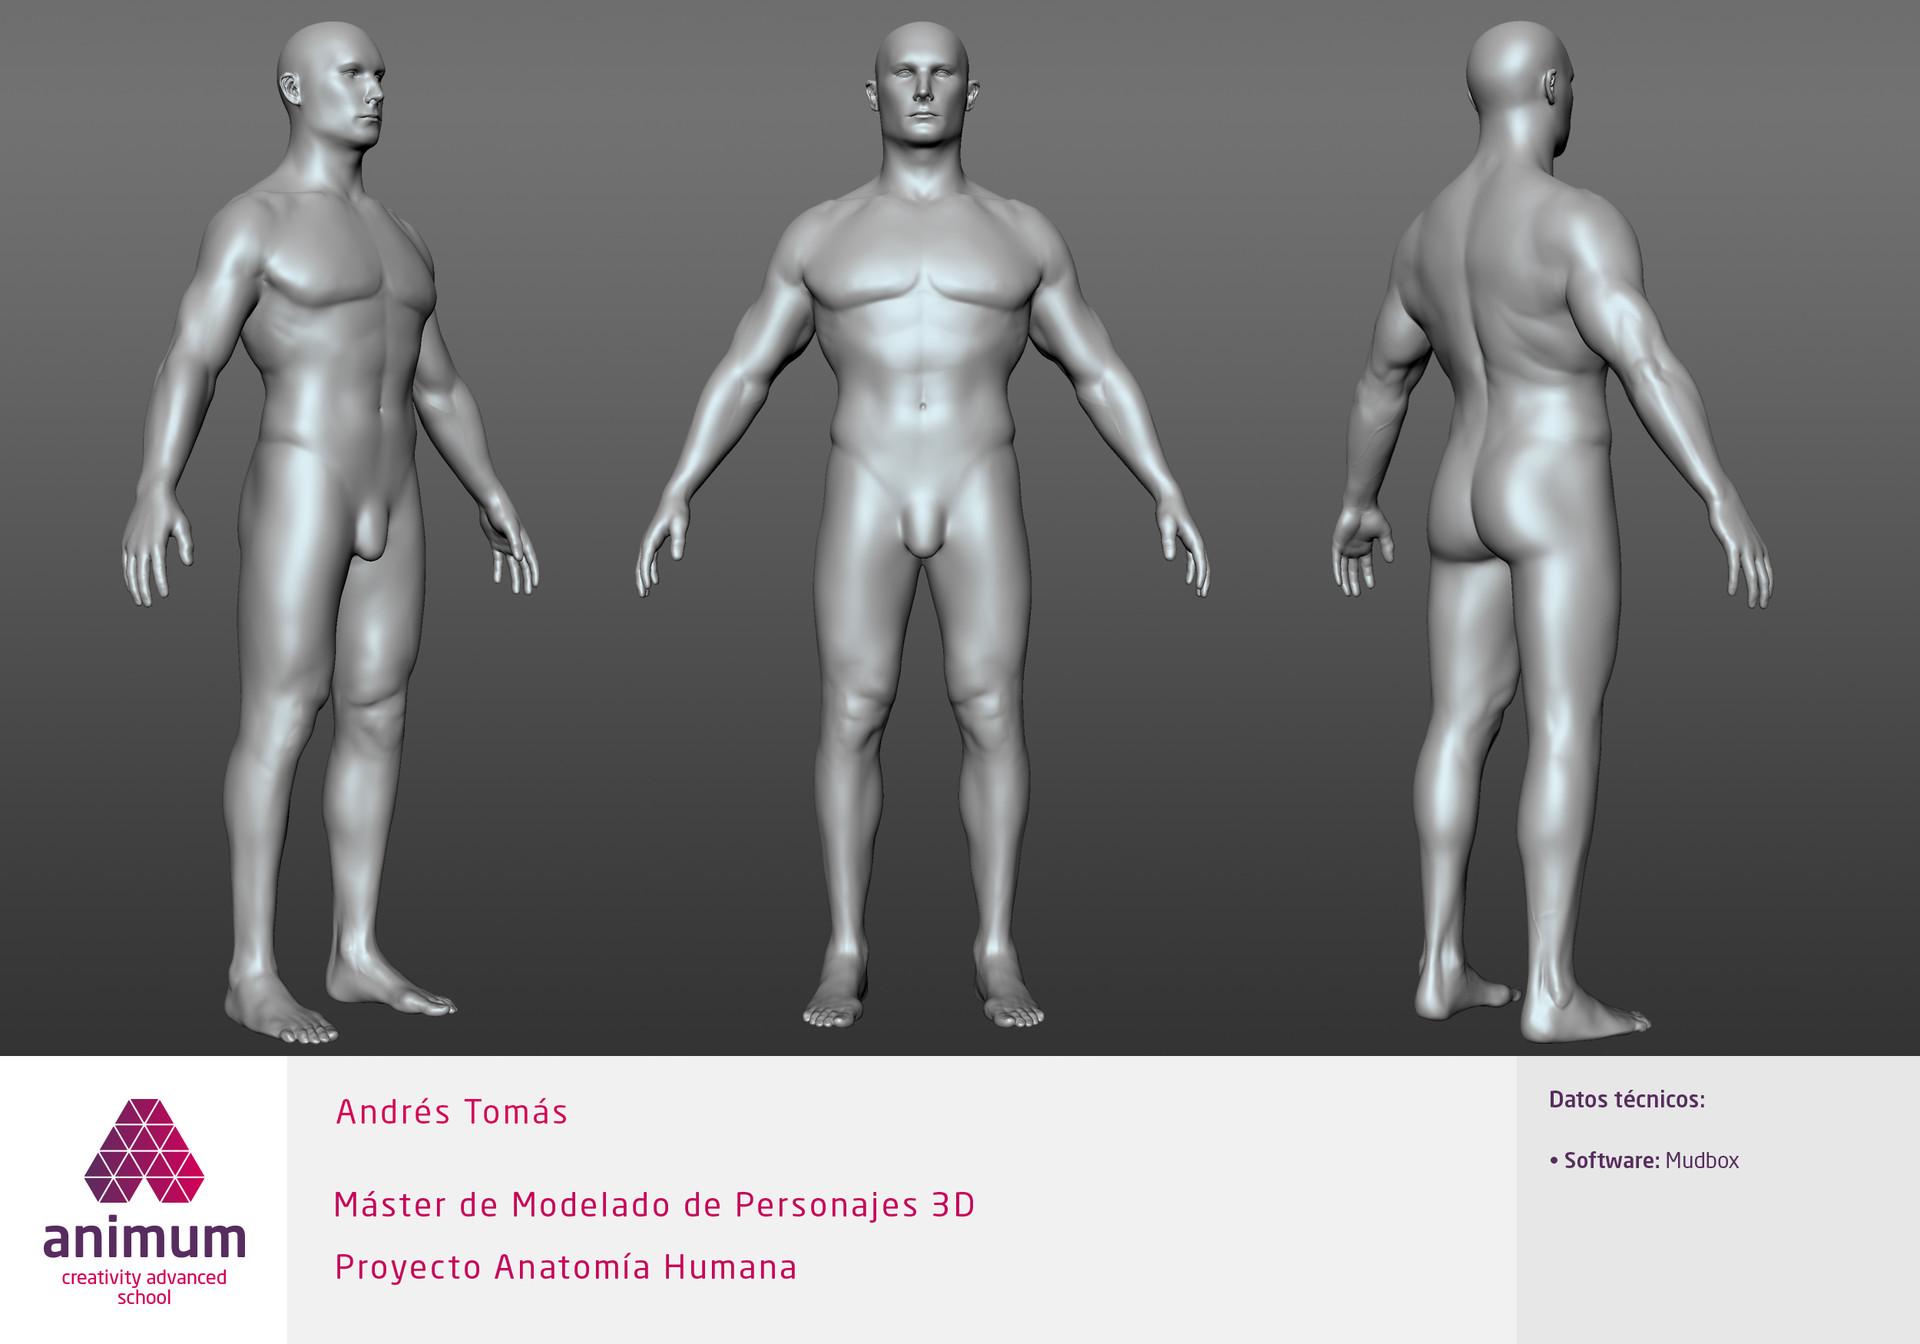 Andrés Tomás - Human Male Anatomy Study